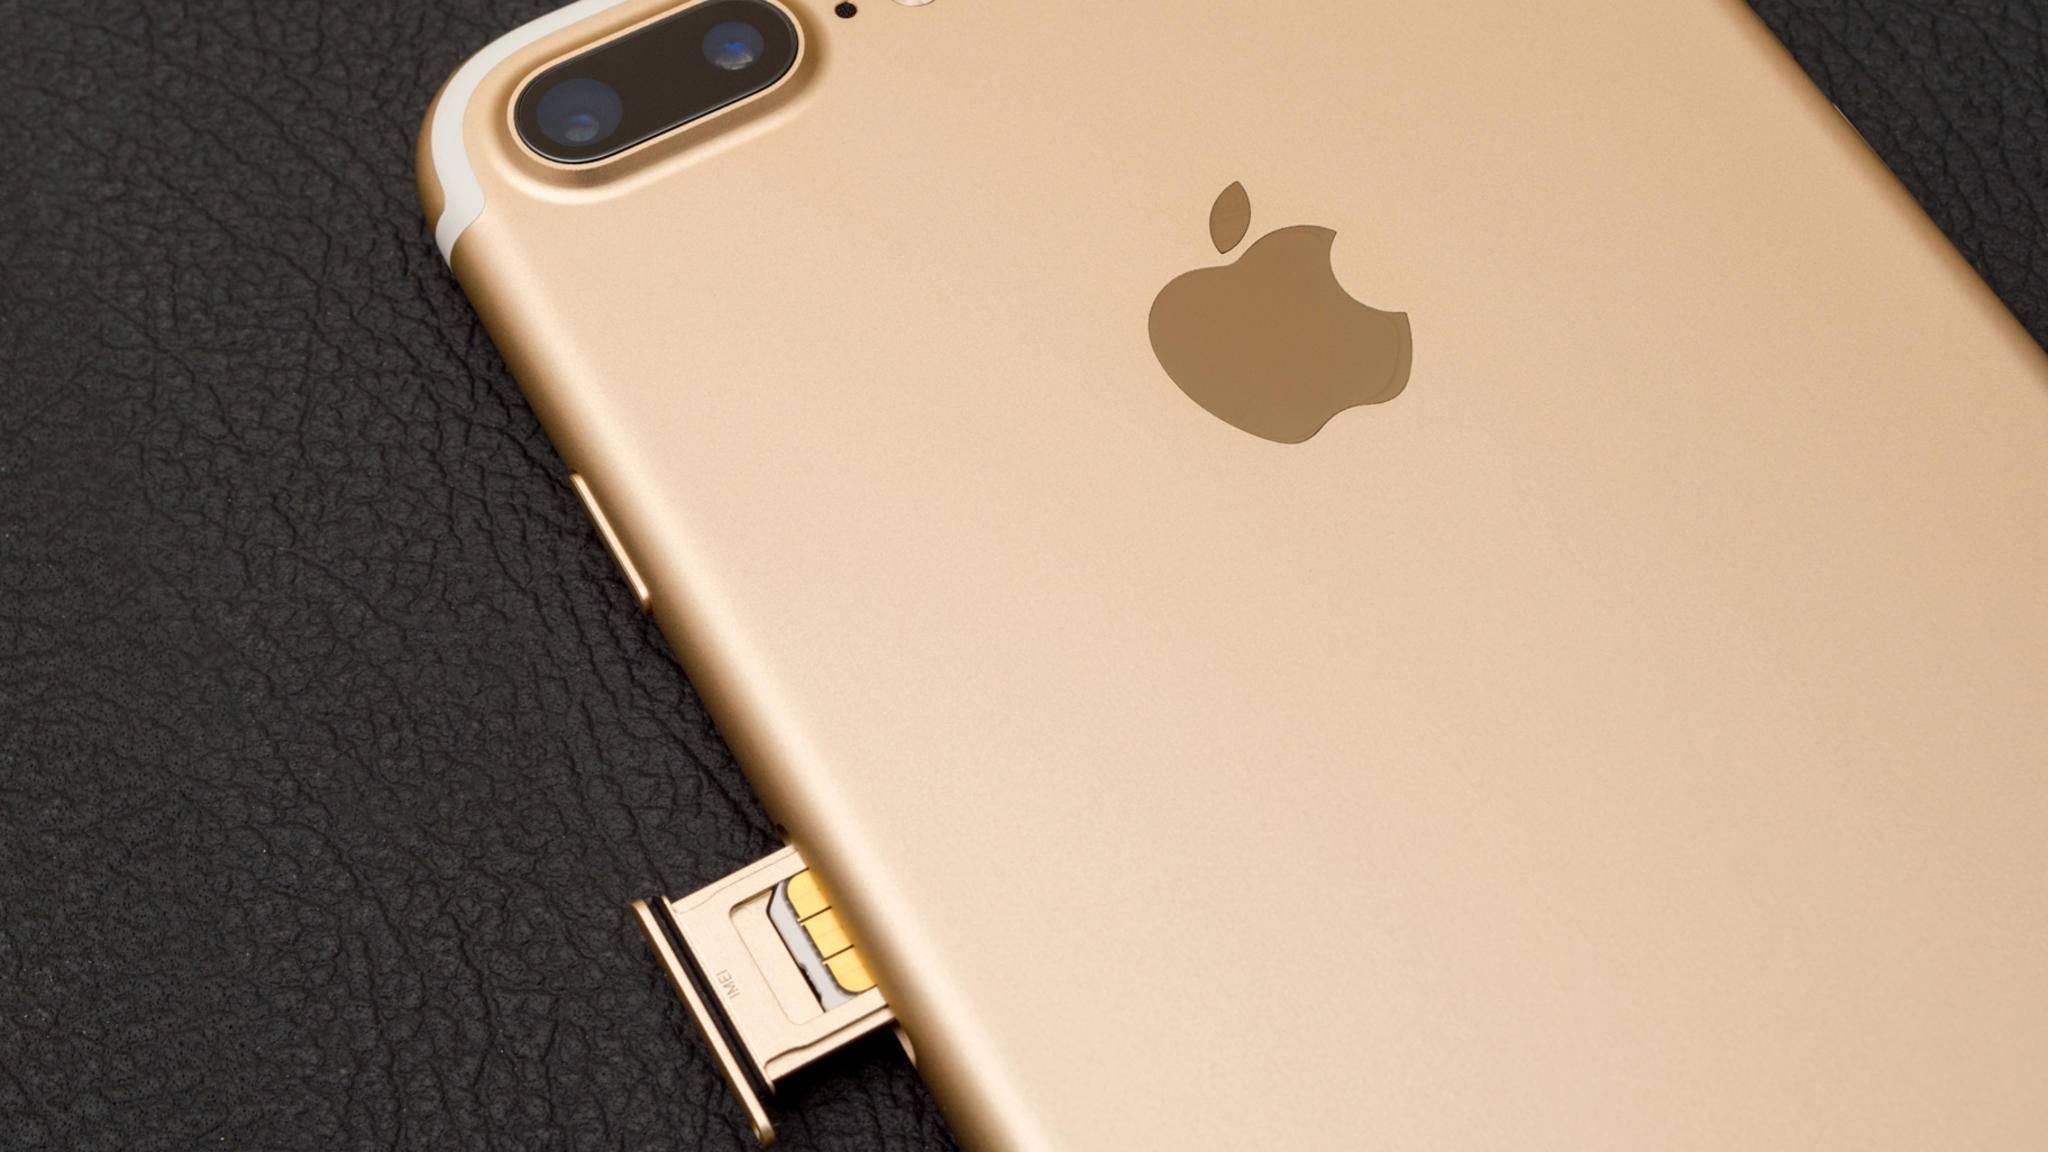 Das iPhone akzeptiert eigentlich nur eine SIM – es sei denn, man nutzt einen Adapter.